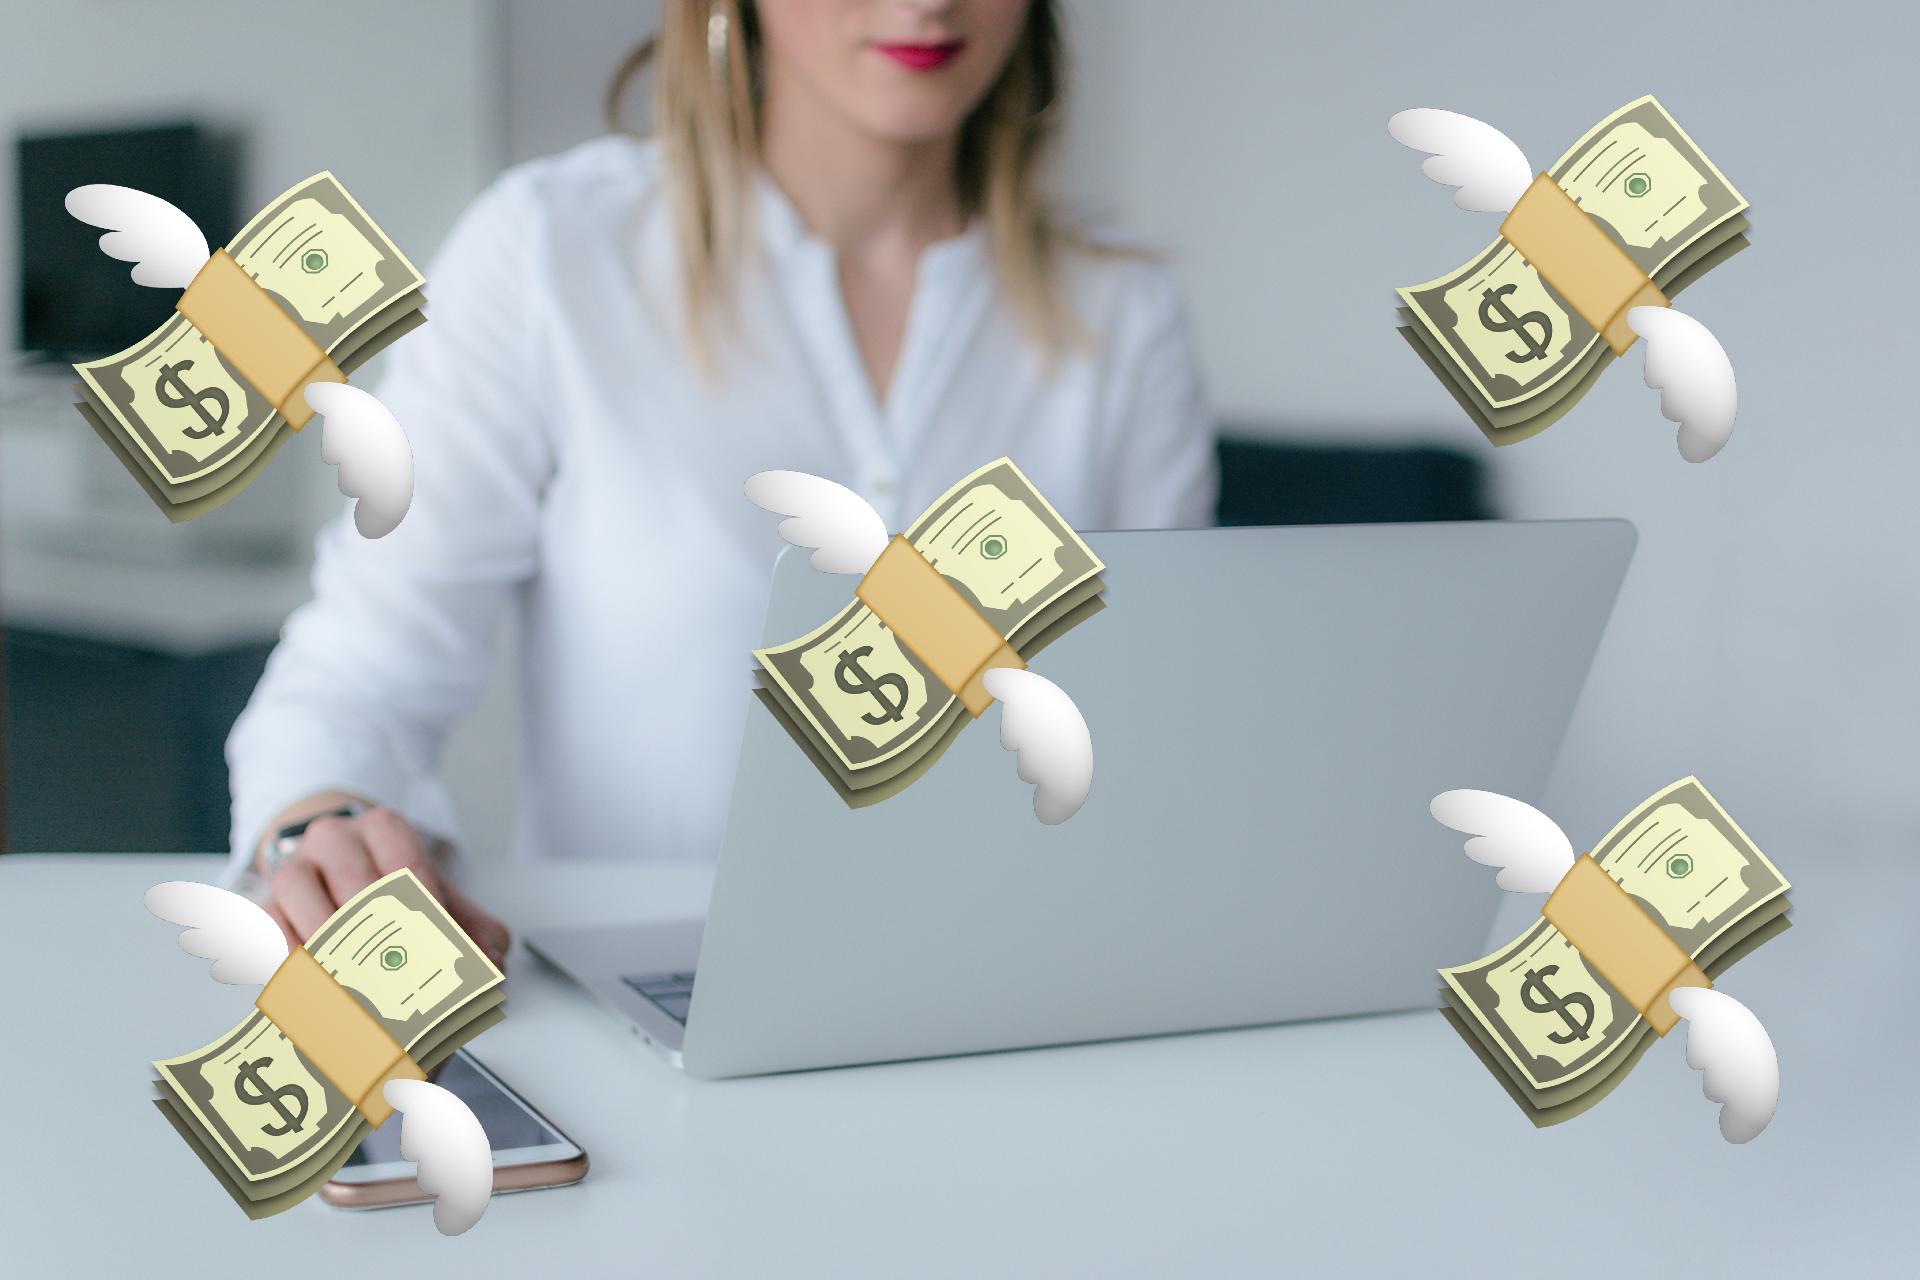 3-sitios-para-comprar-gadgets-equipar-tu-pc-y-aprender-sobre-tecnologia-sin-gastar-una-fortuna